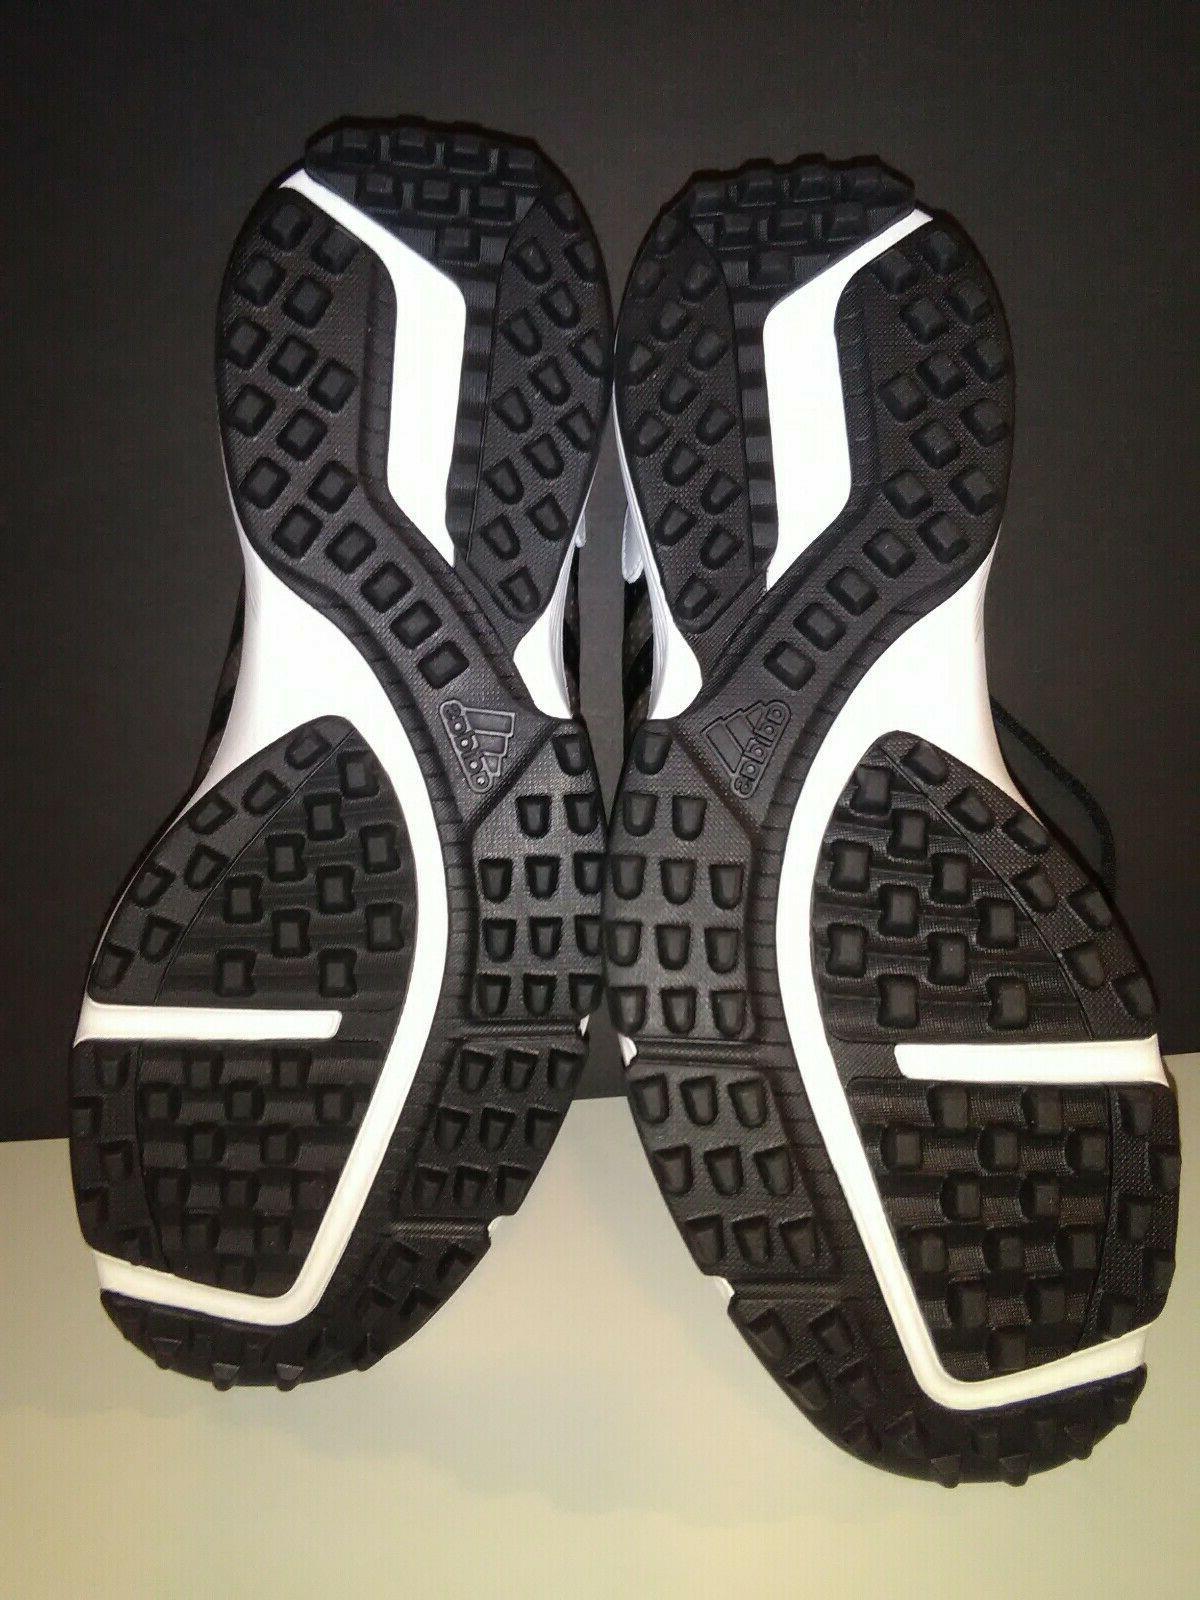 New Adidas Traxion Men's Golf Shoes Q44994 8.5